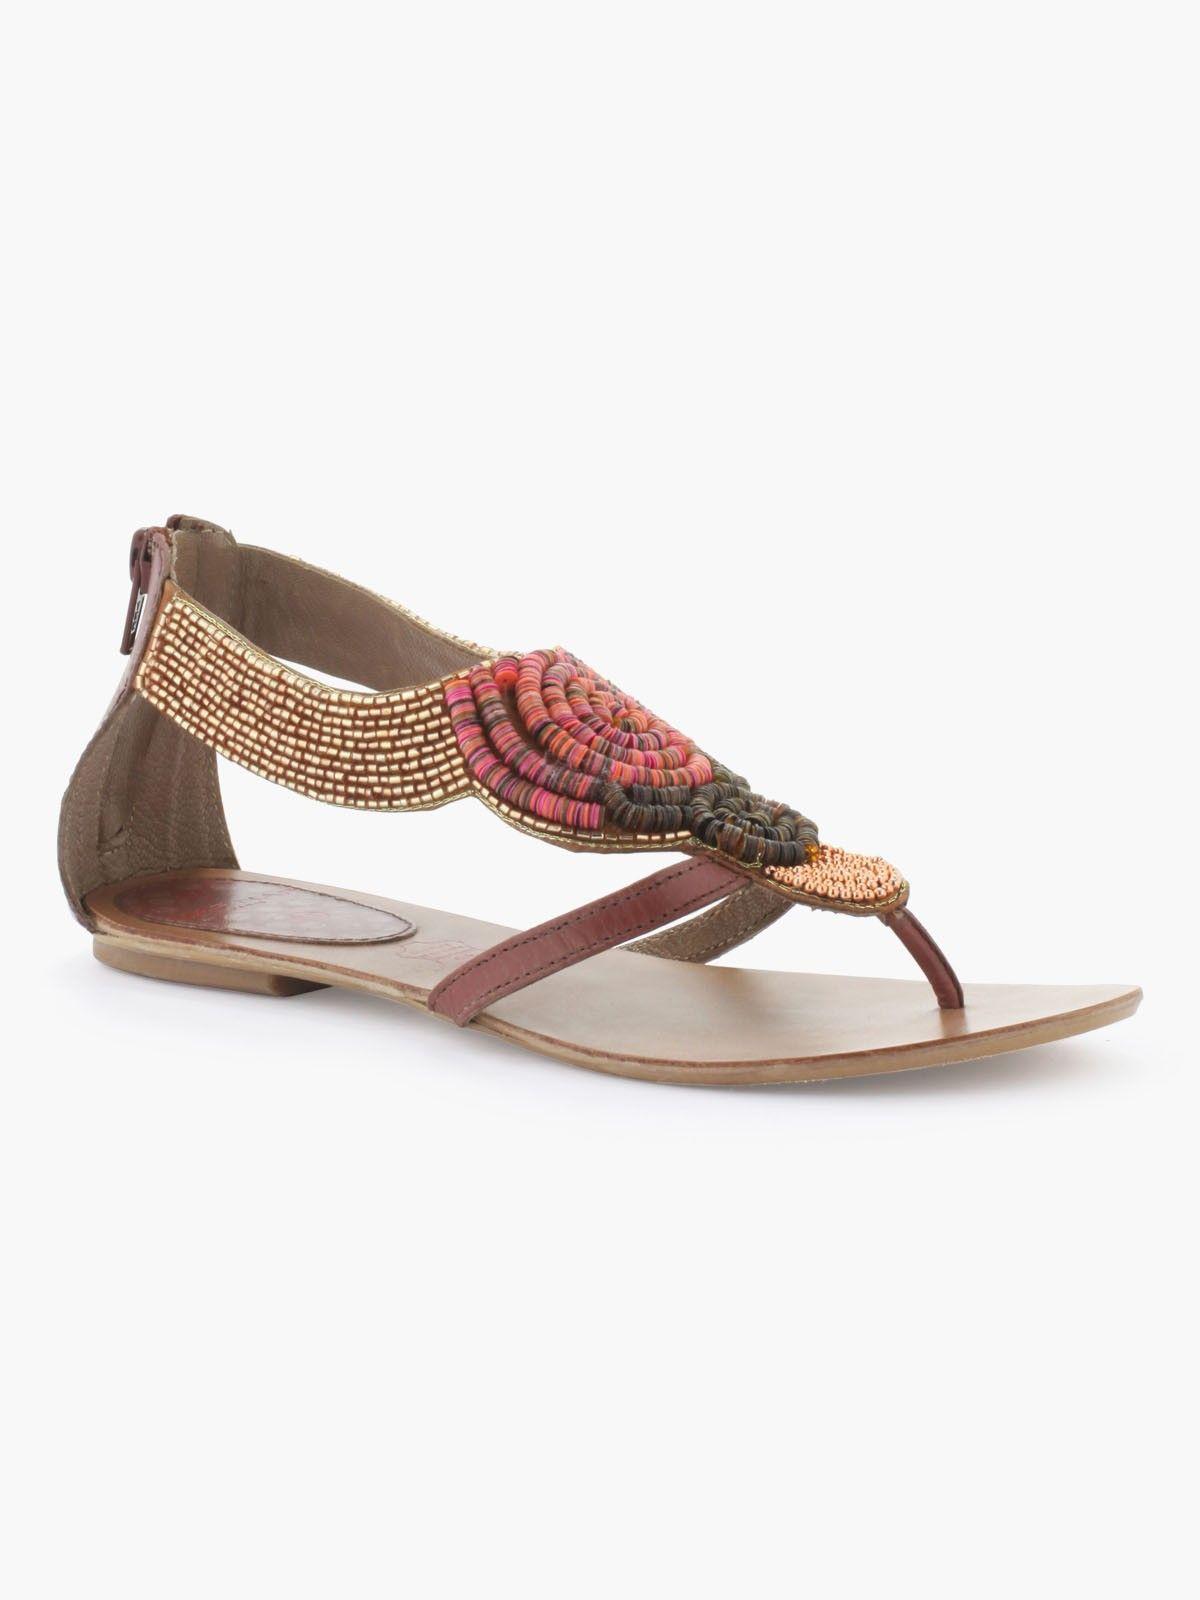 sandales/nu-pieds - nnaf naf femme - femme - marques